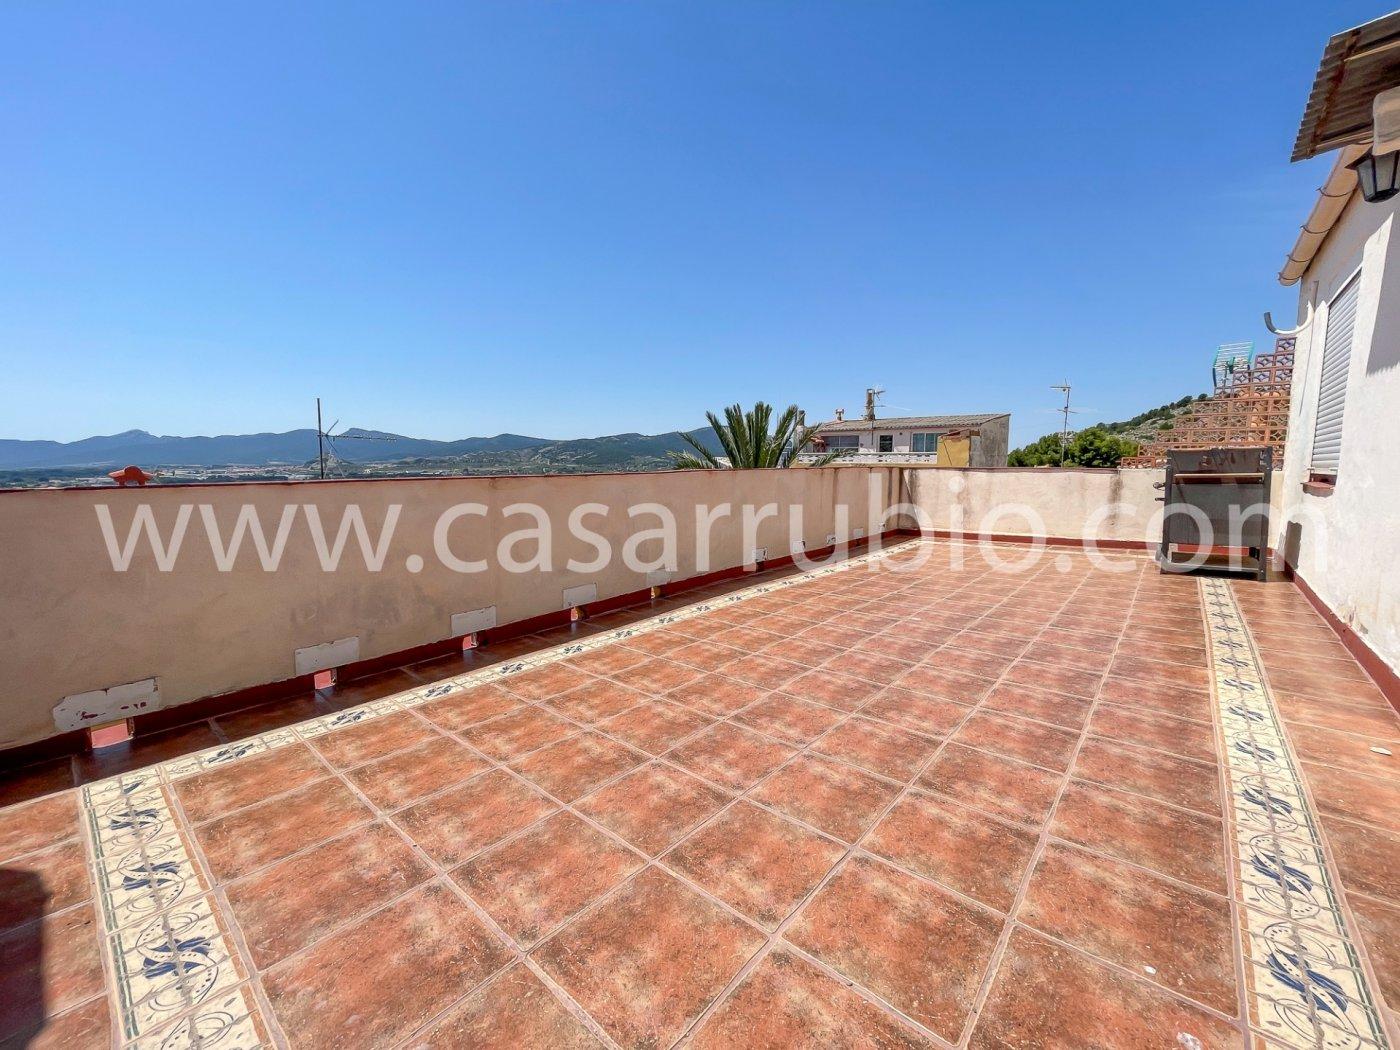 Estupenda casa reformada y con terraza en onil !! - imagenInmueble7